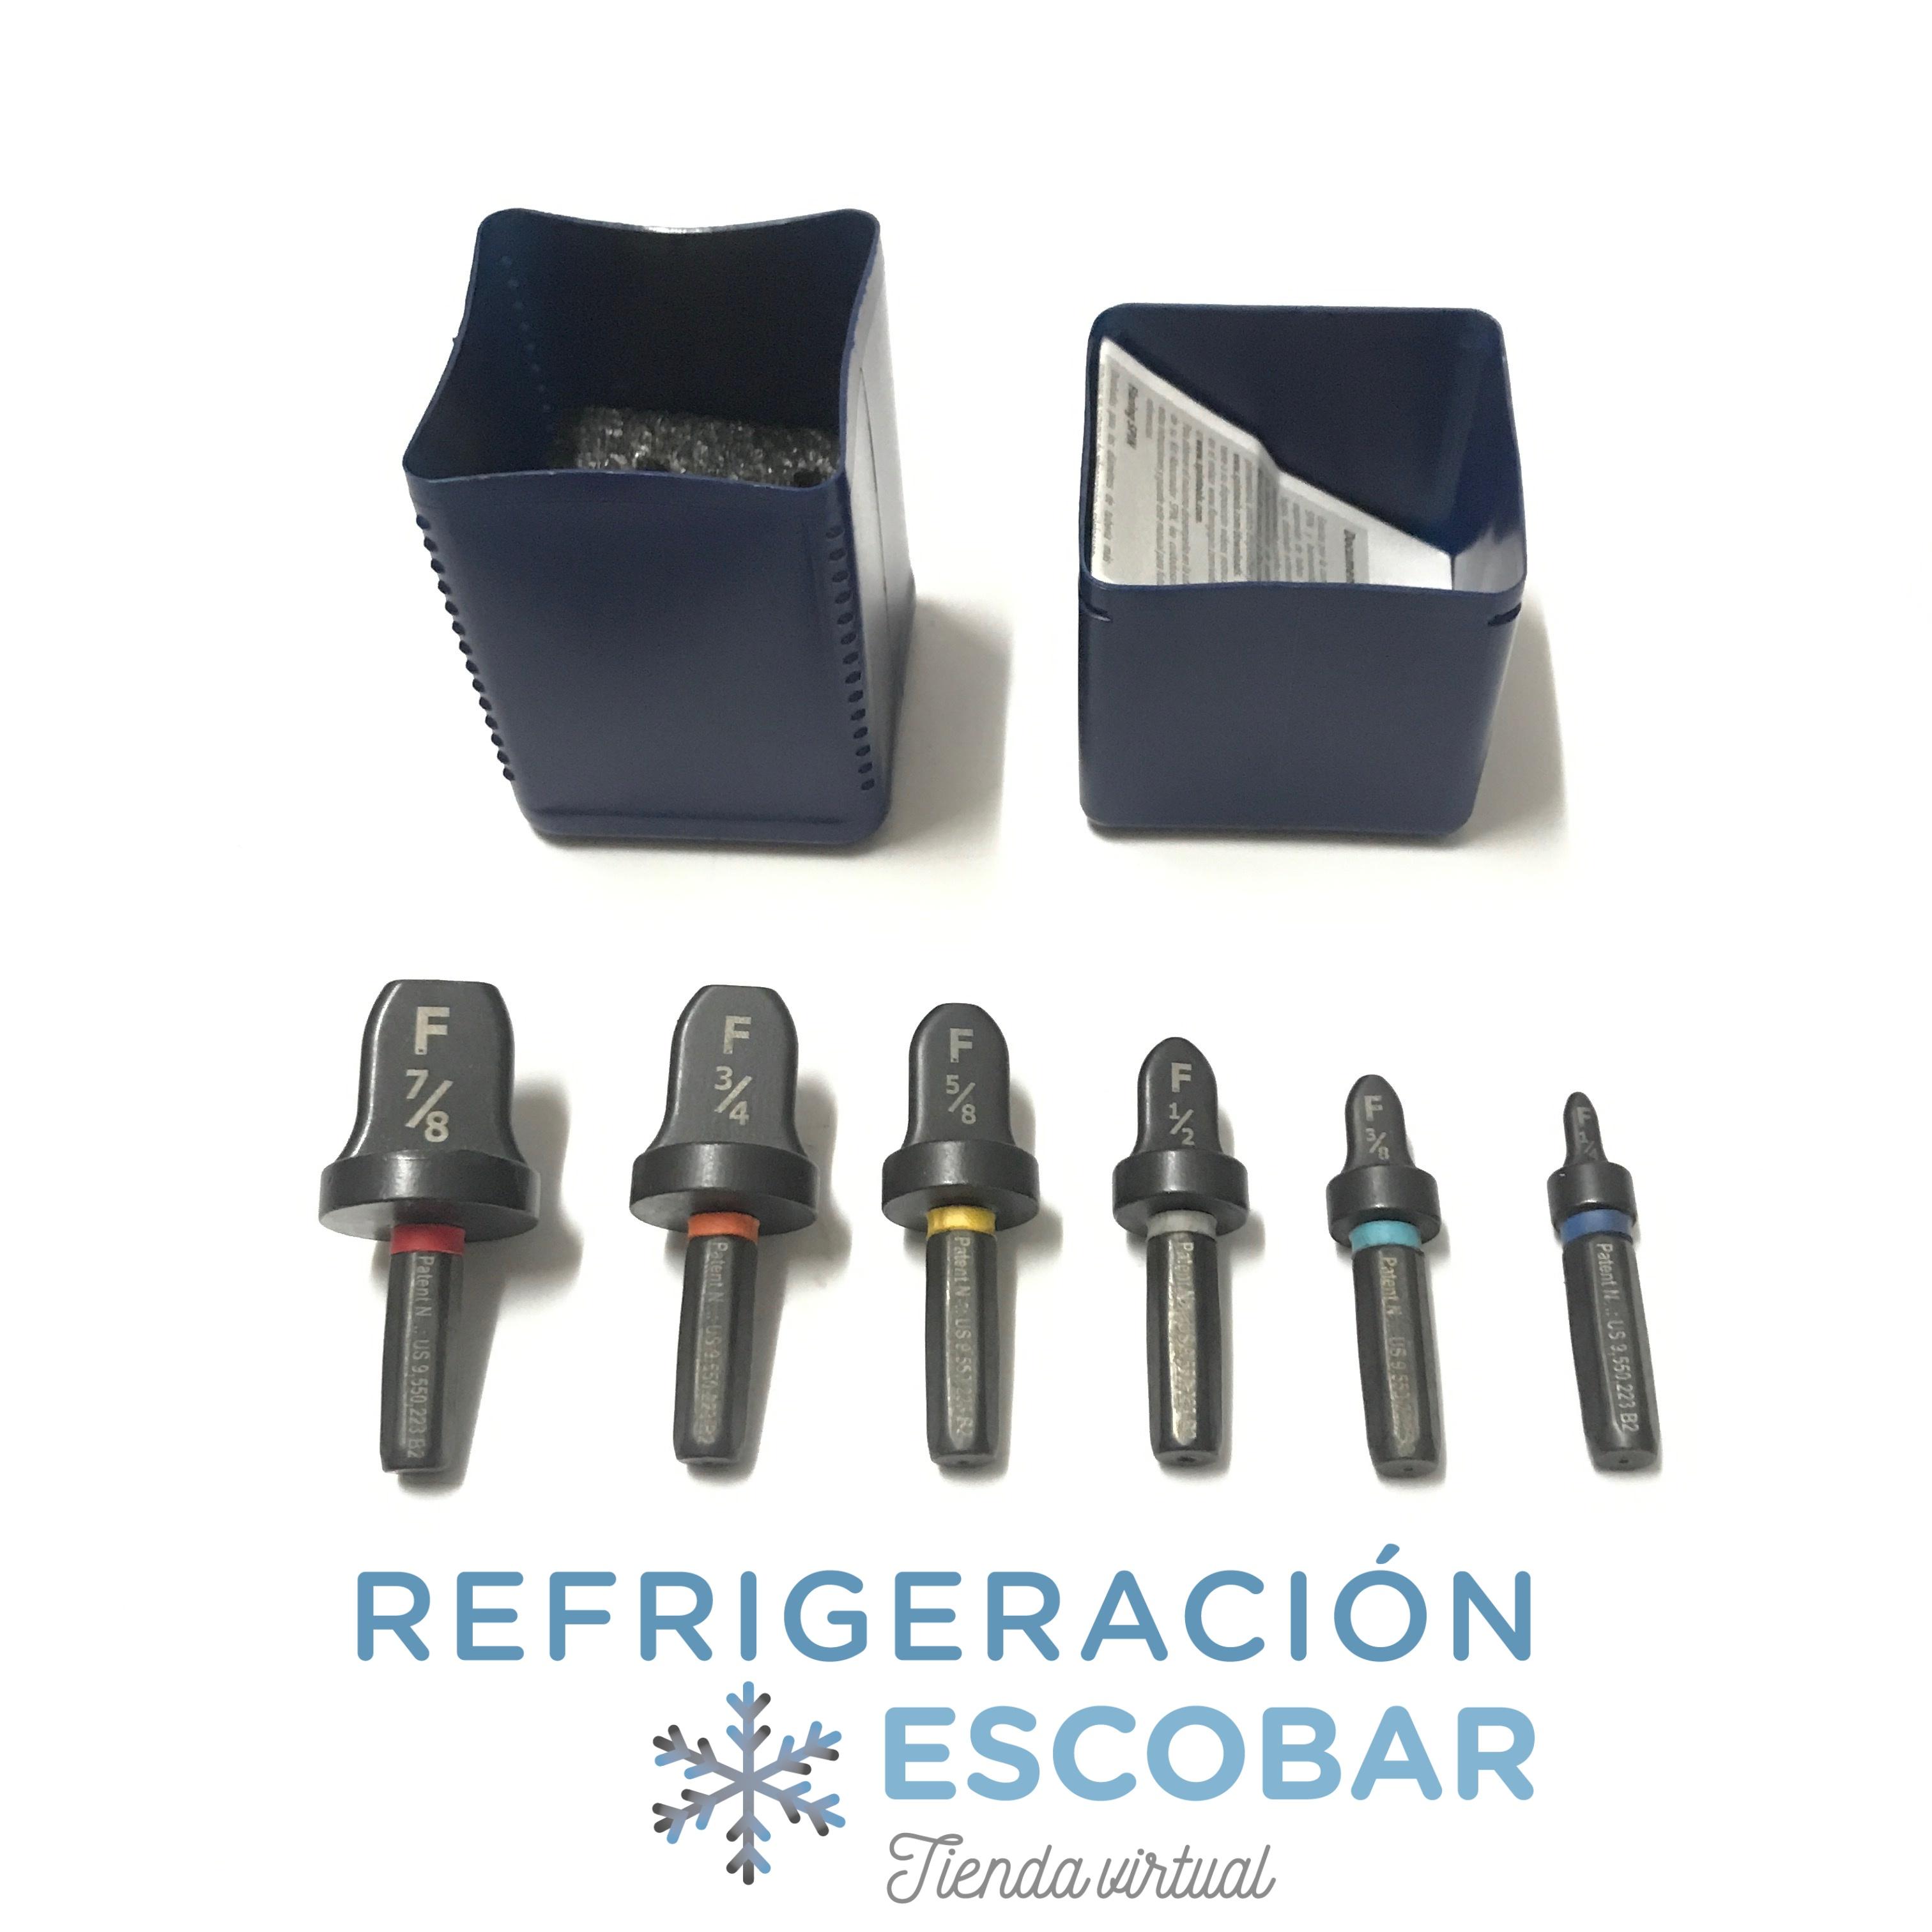 Pestañadora Spin F6000 Refrigeracion R410a Para Agujereadora